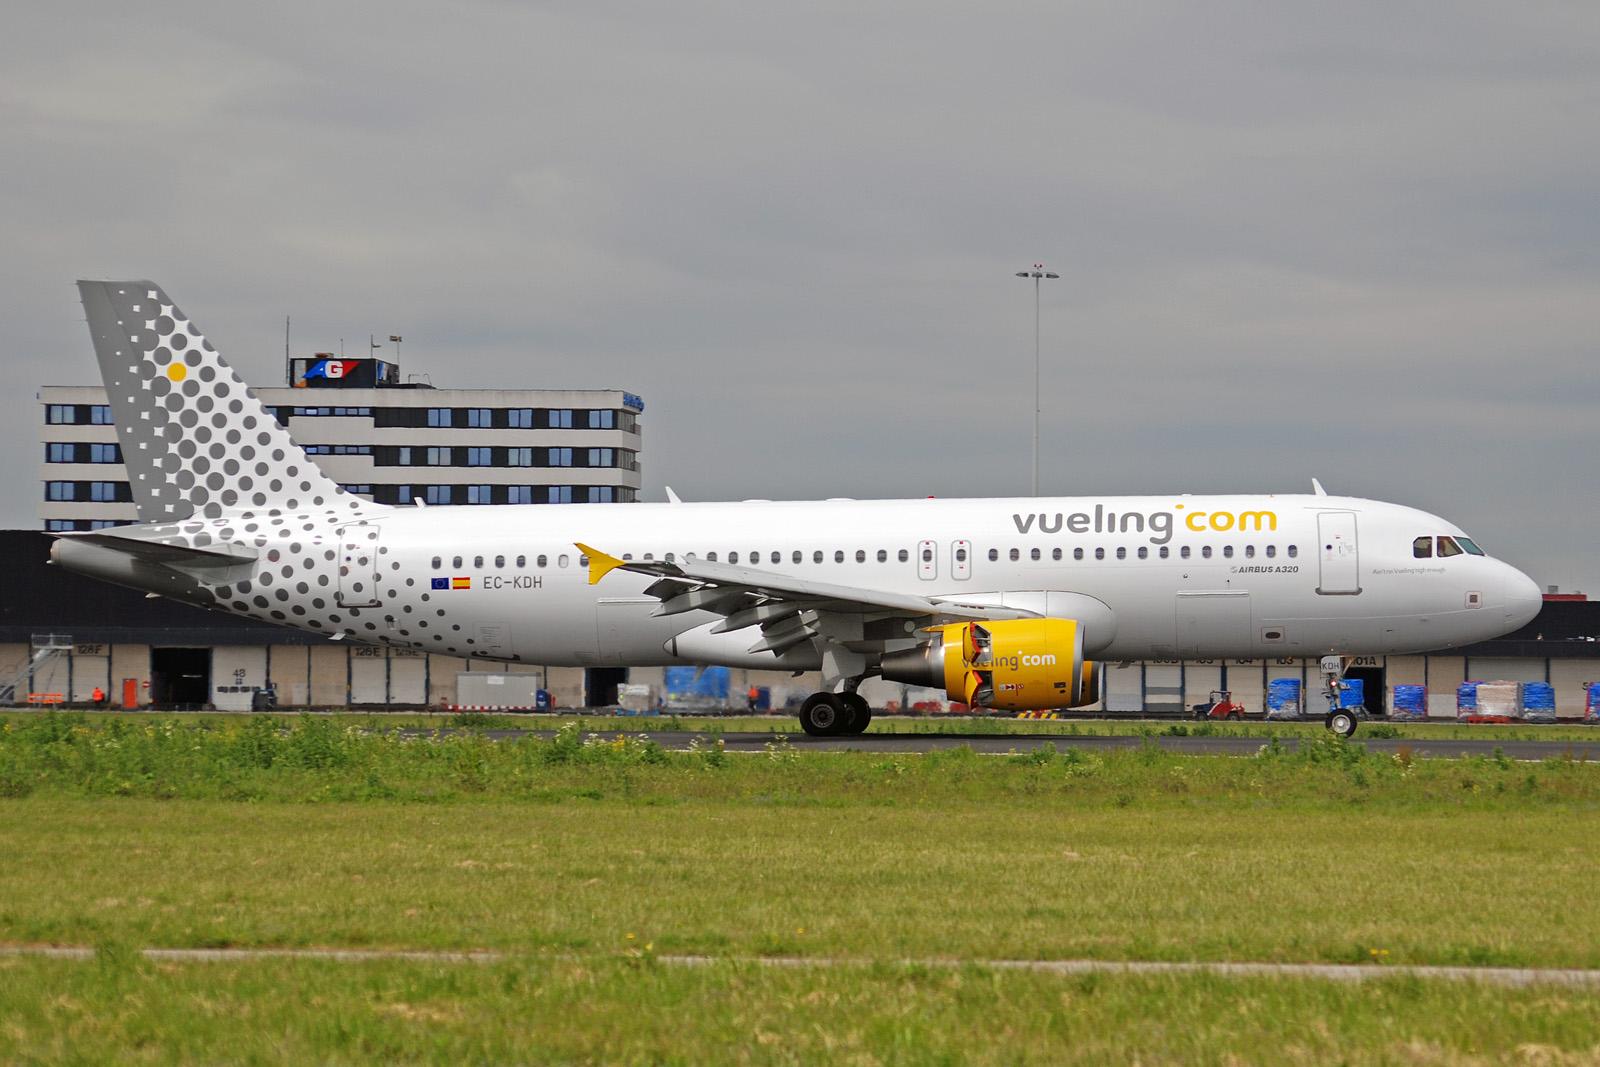 Авиакомпания vueling airlines. vy. vlg. официальный сайт.